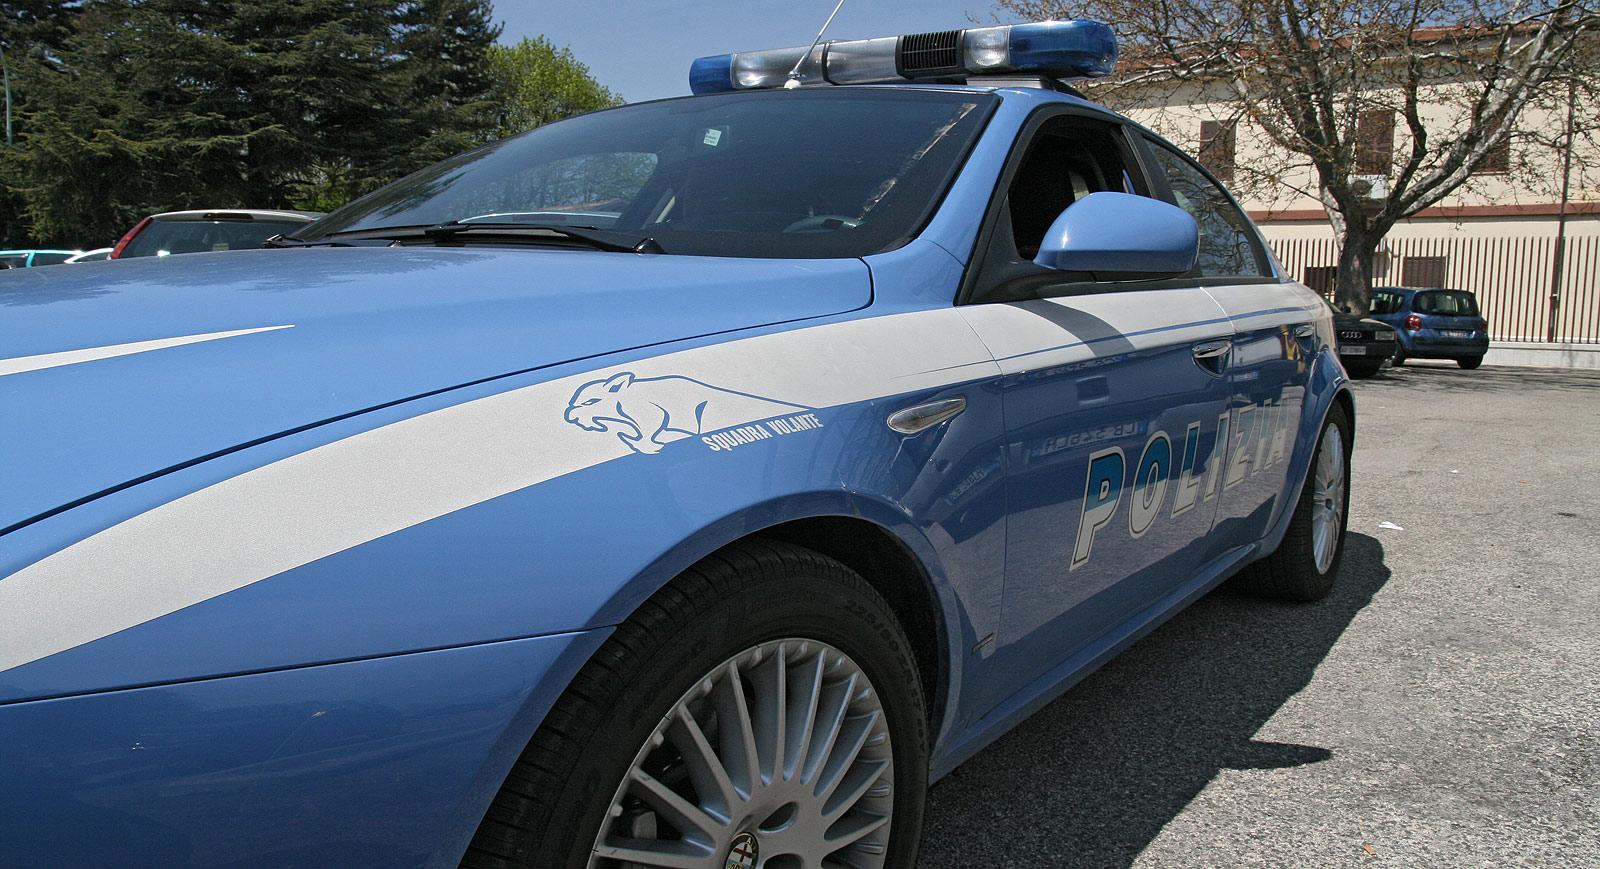 Decine di danneggiamenti alle auto e furti. La polizia denuncia i responsabili